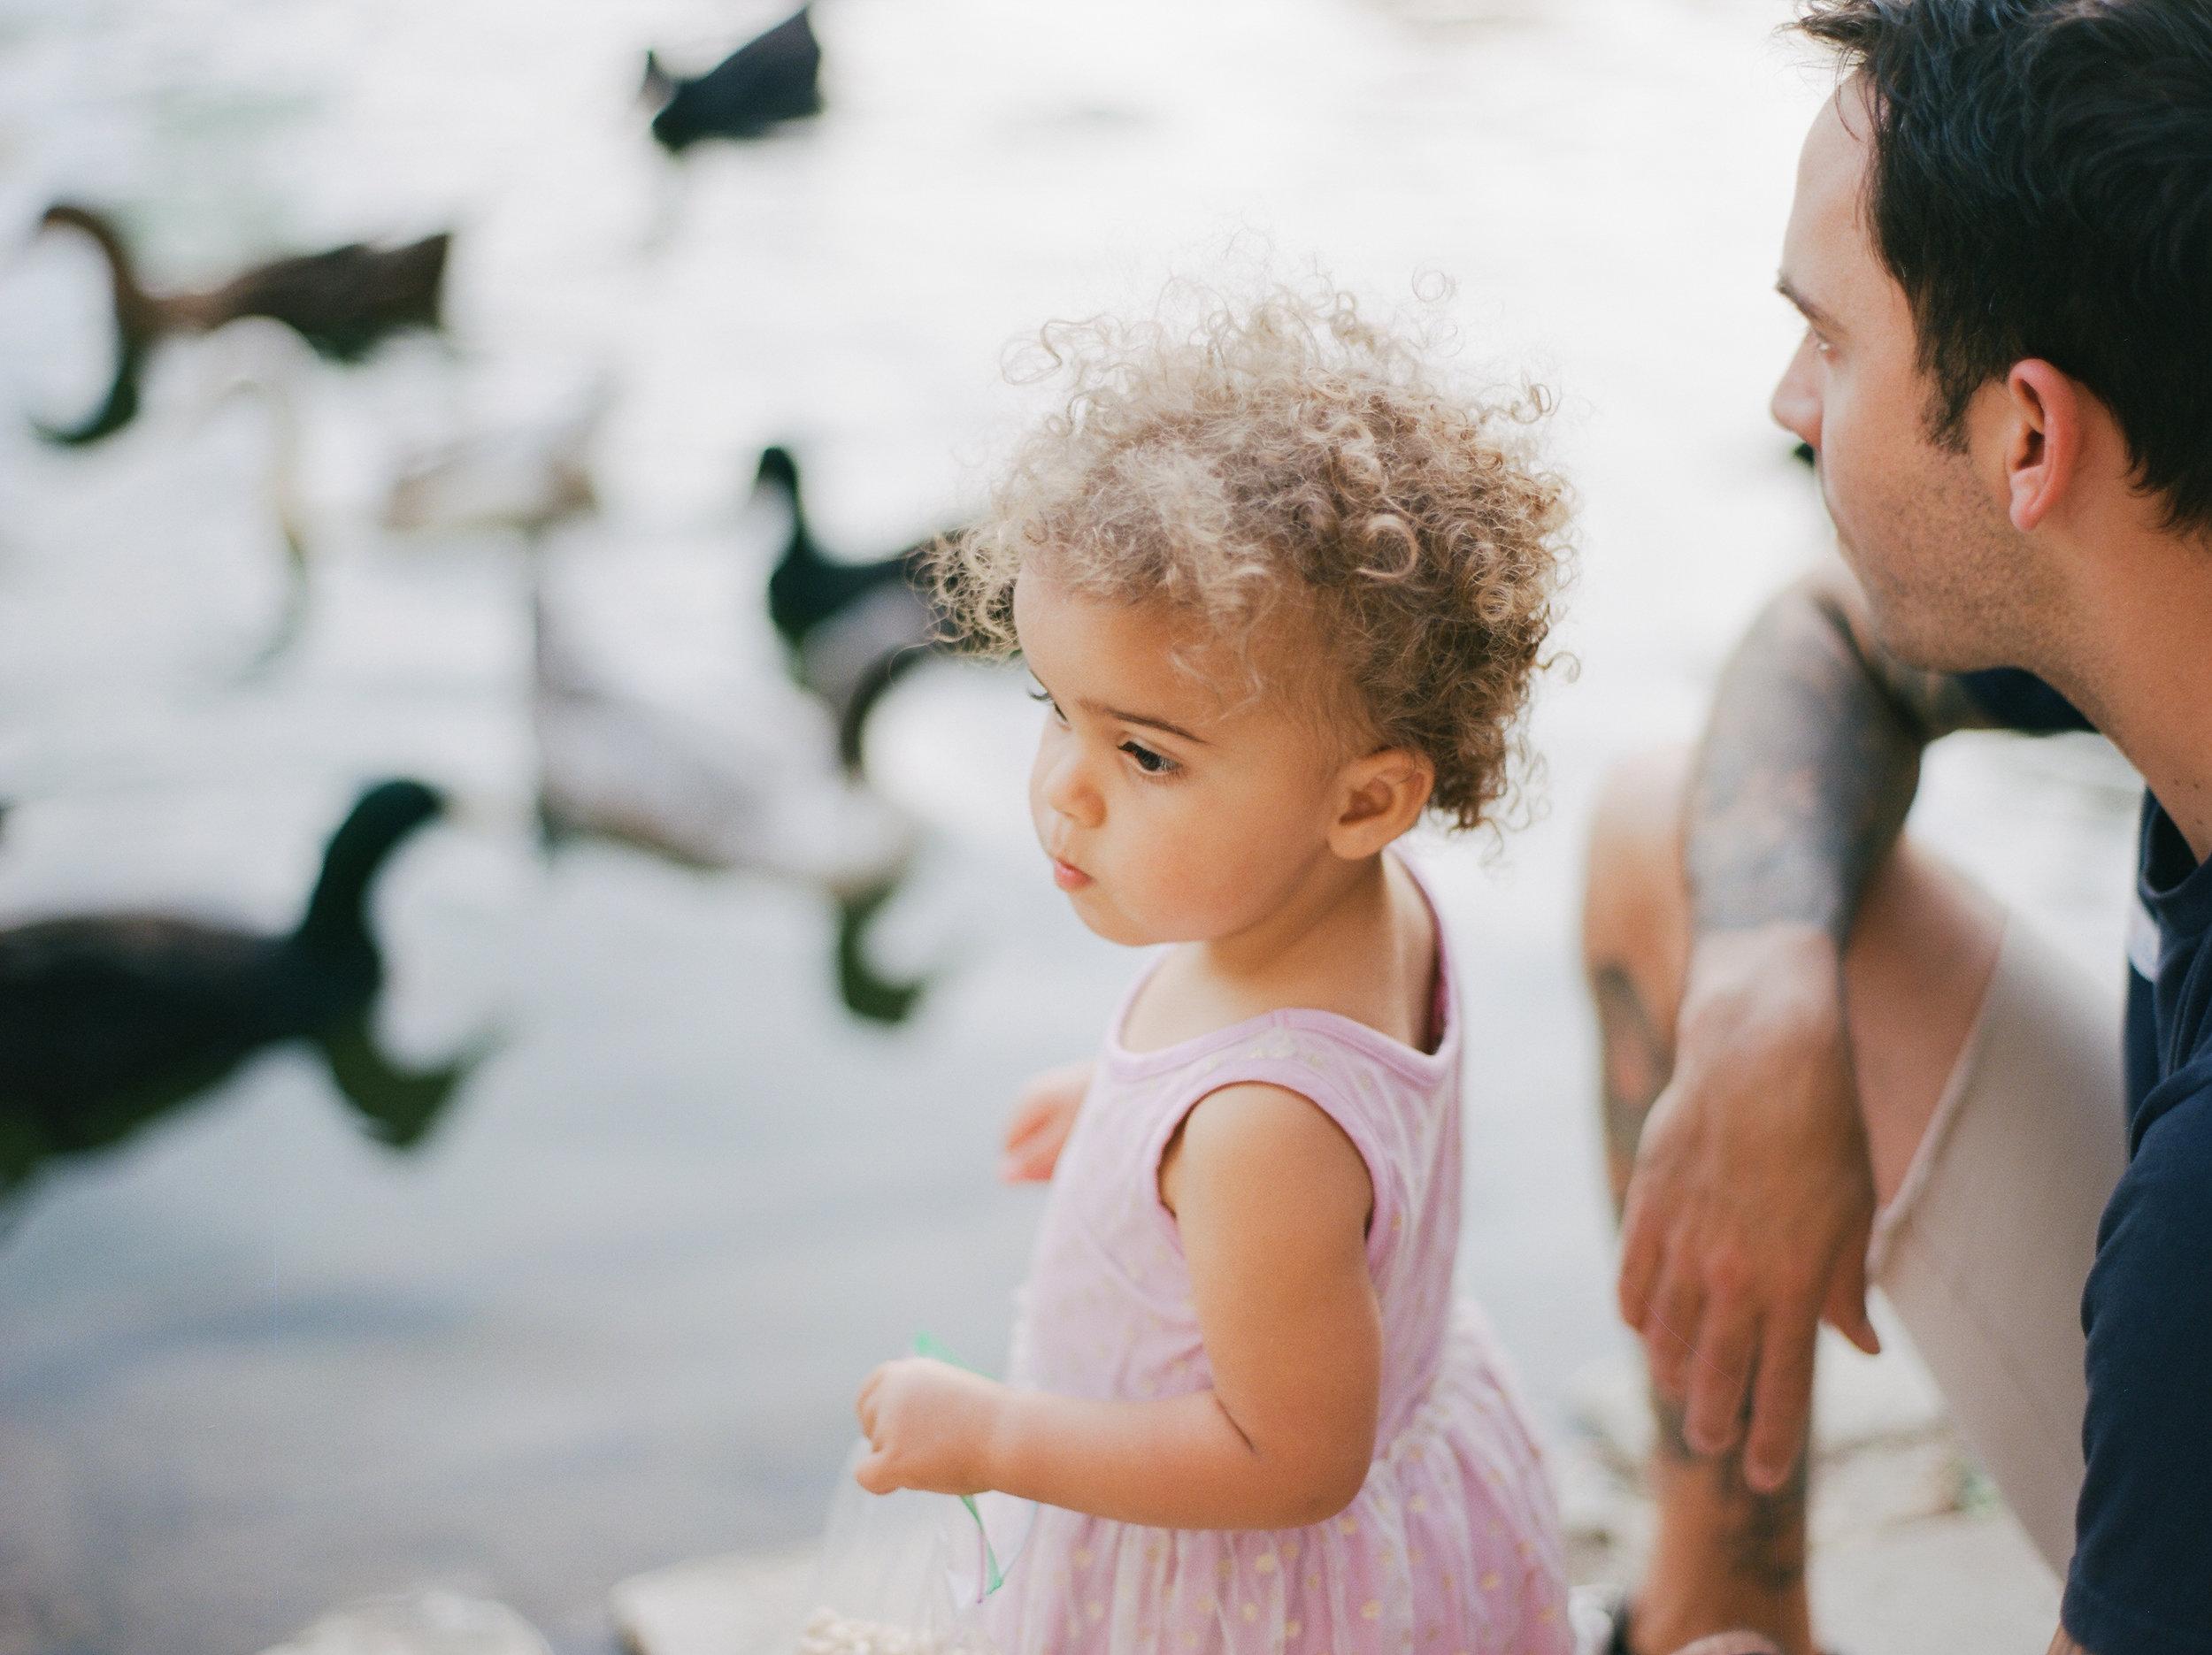 duckfeeding-2.jpg